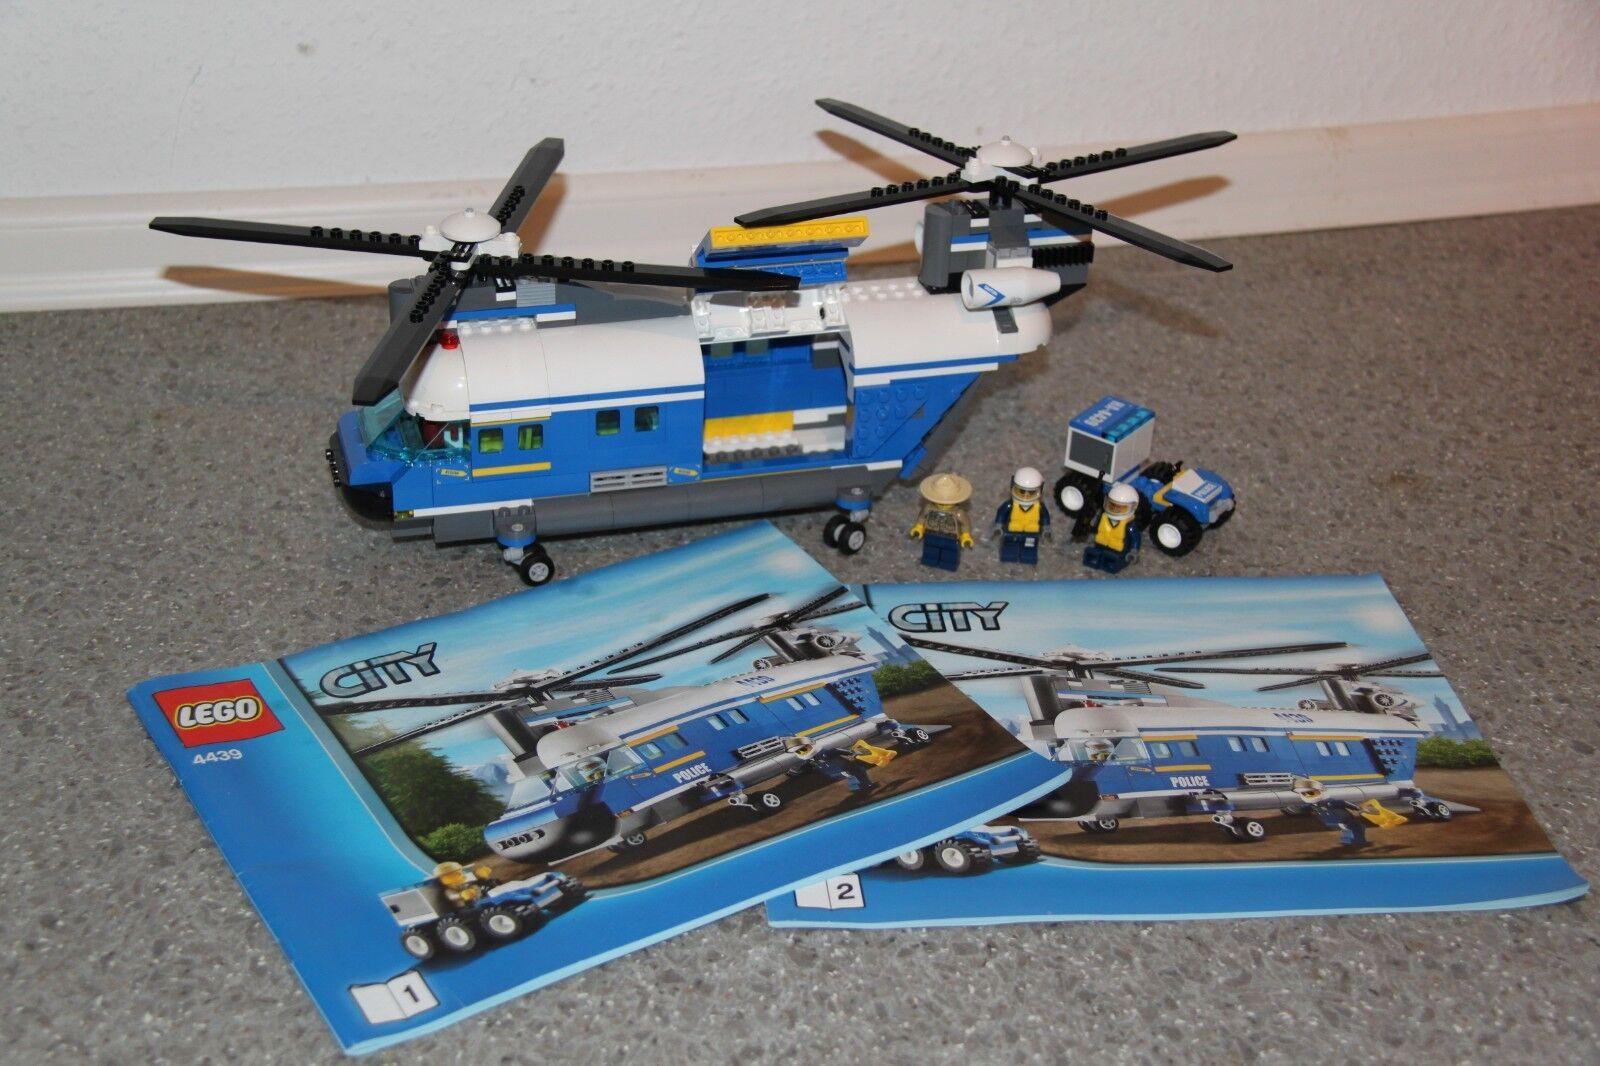 Lego City Polizei Hubschrauber Set 4439 gepflegt gepflegt gepflegt sauber und vollständig 8b5ba5